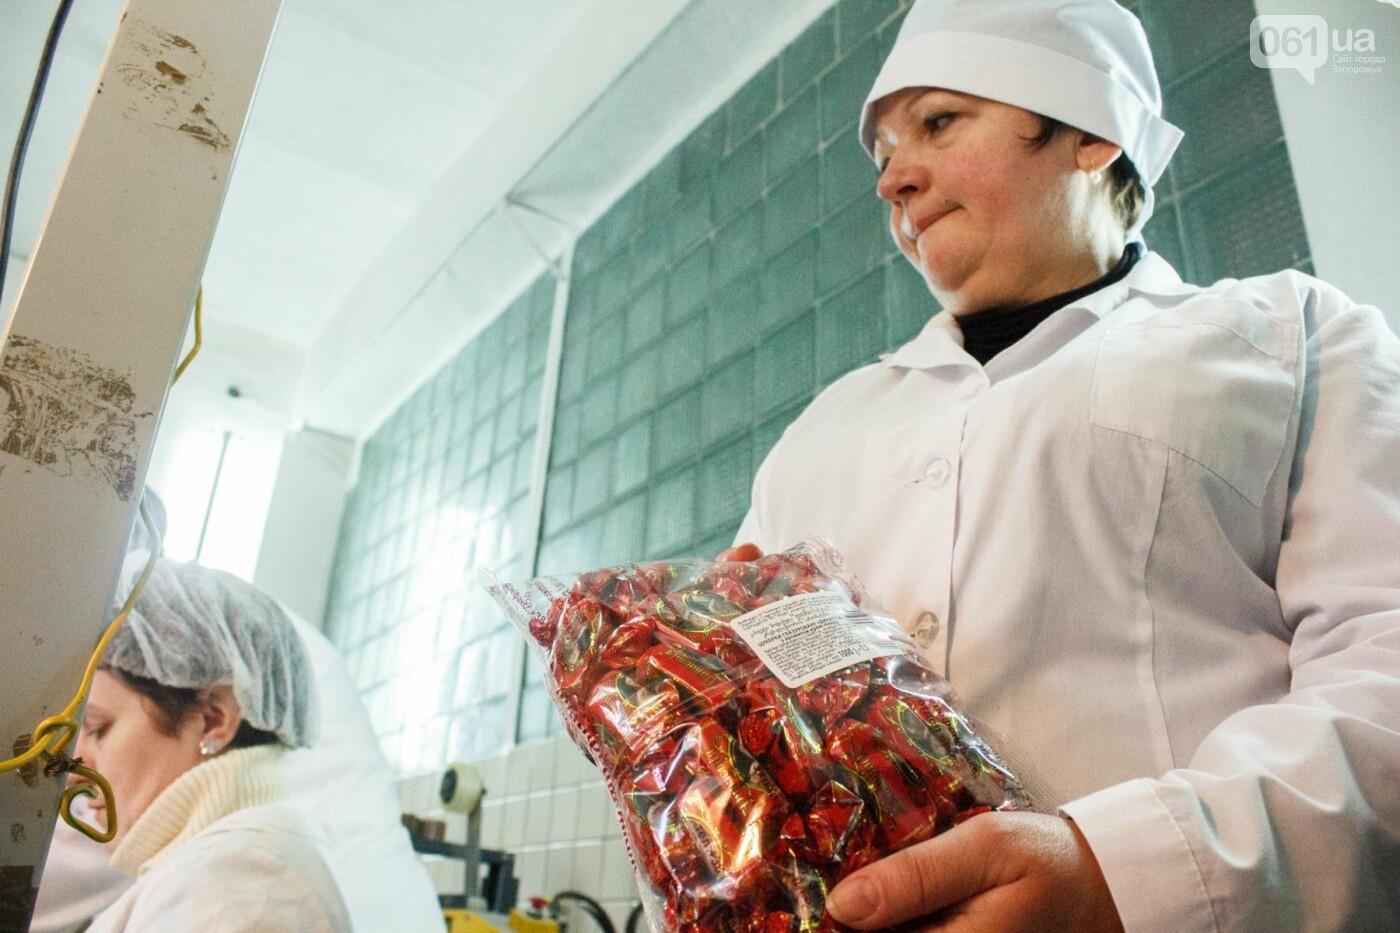 Как в Запорожье делают конфеты: экскурсия на кондитерскую фабрику, – ФОТОРЕПОРТАЖ, фото-37